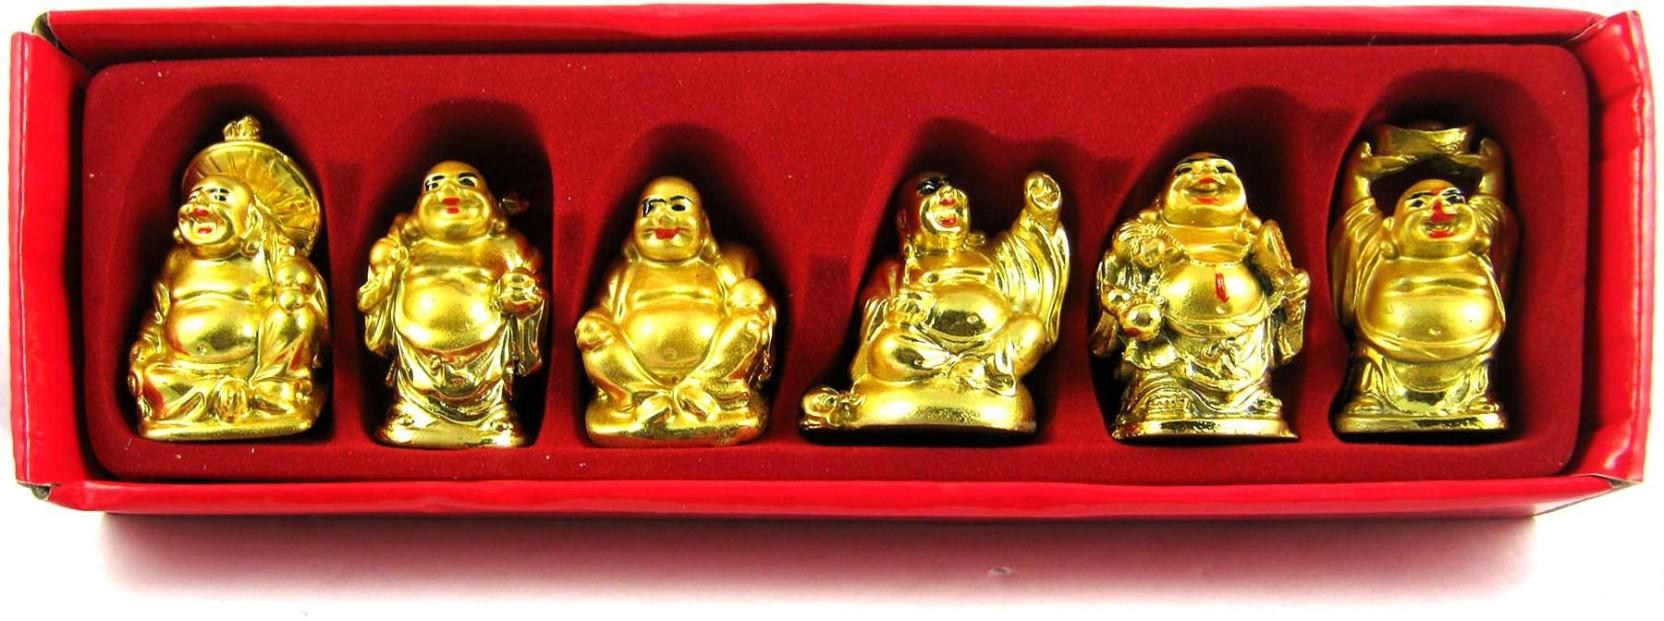 6 In 1 Vastu Feng Shui Golden Set Of Laughing Buddha 6 Pcs Set